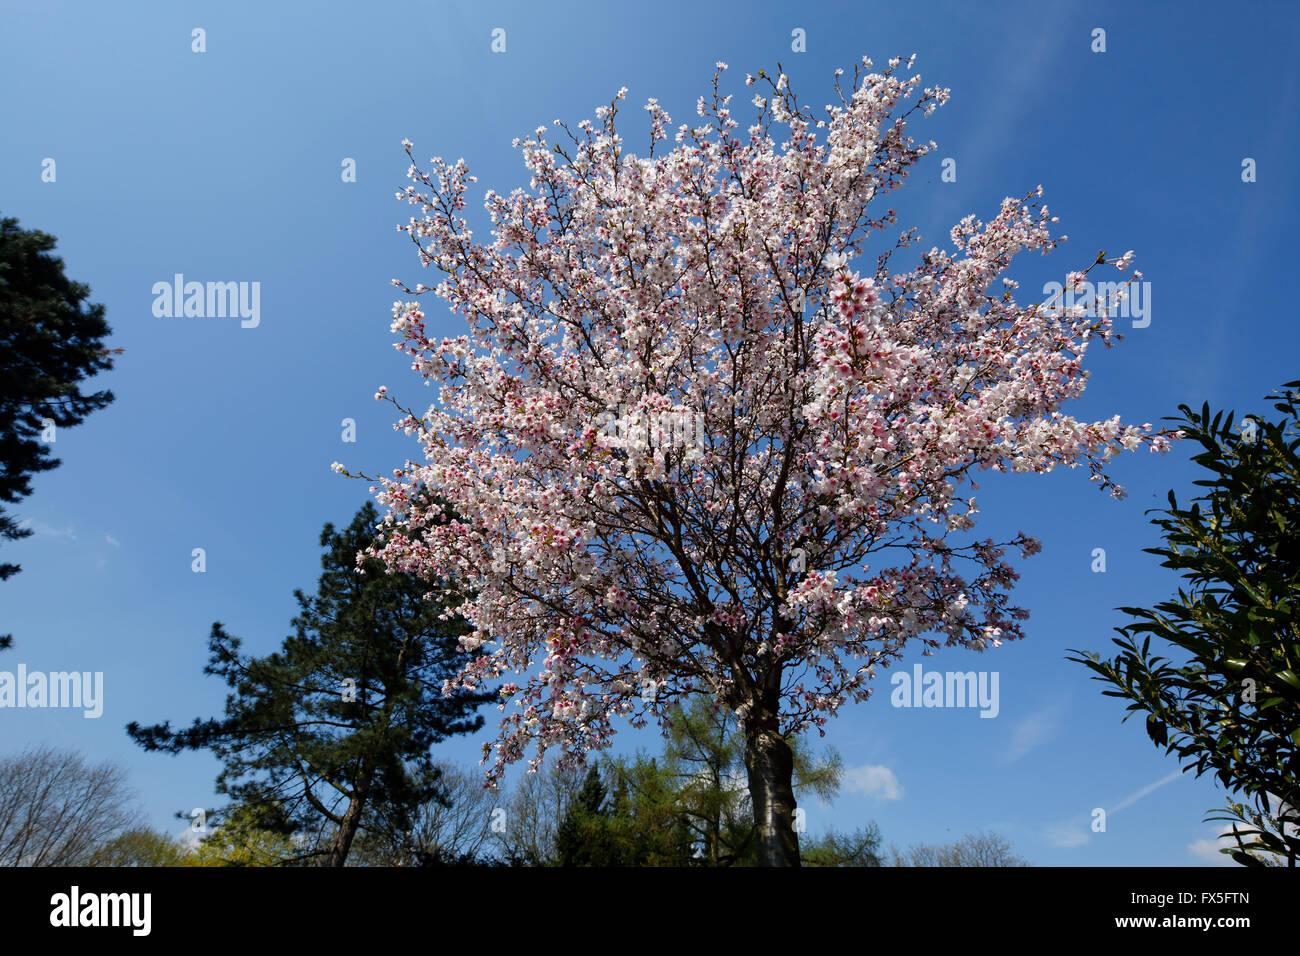 natur jahreszeiten fruehling baum baumbluete weisse blueten stock photo 102155109 alamy